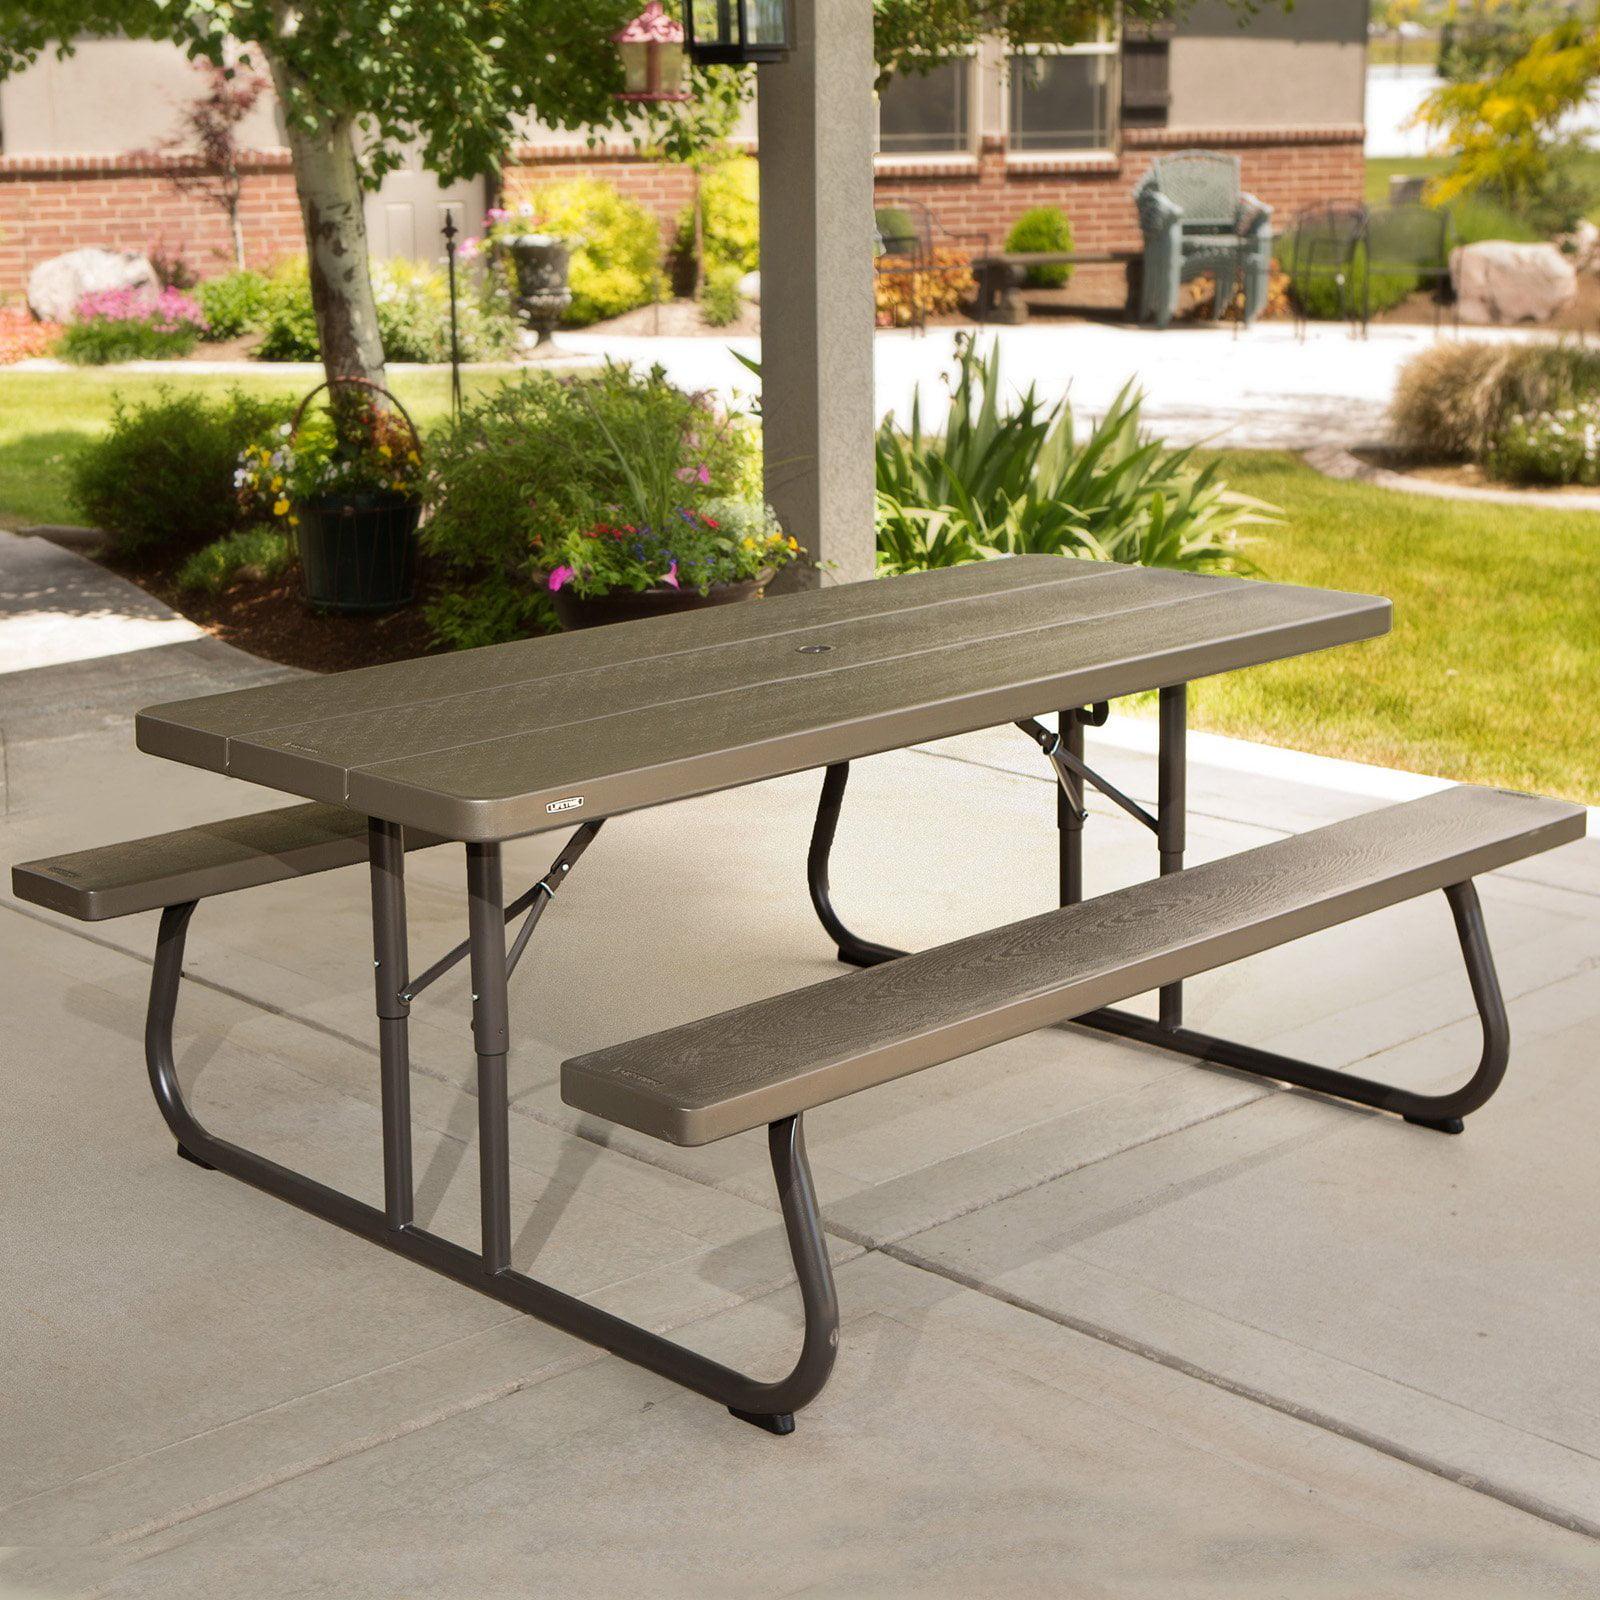 Lifetime 6' Picnic Table, Brown, 60105